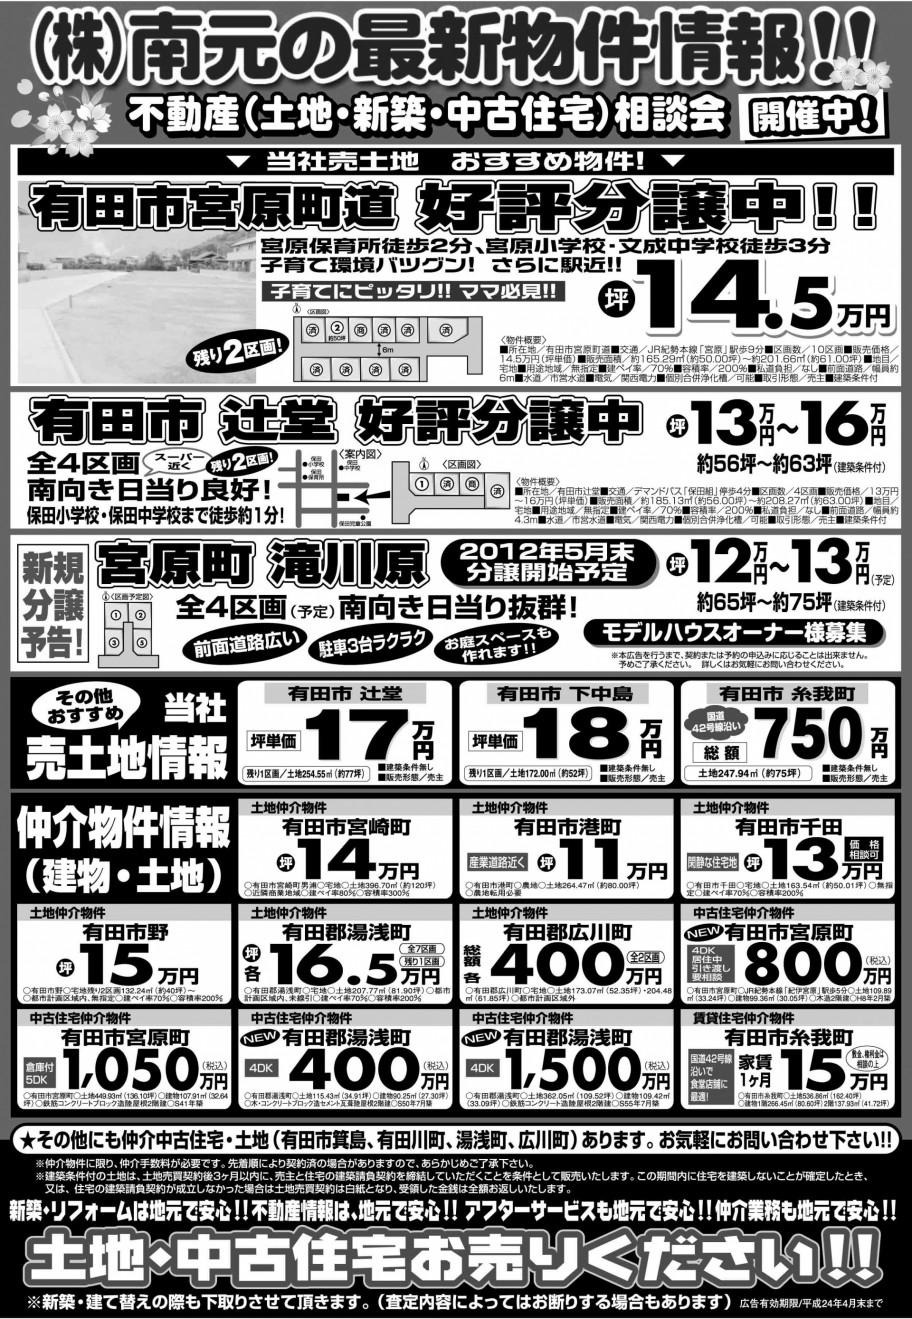 2012.3.30.最新広告2